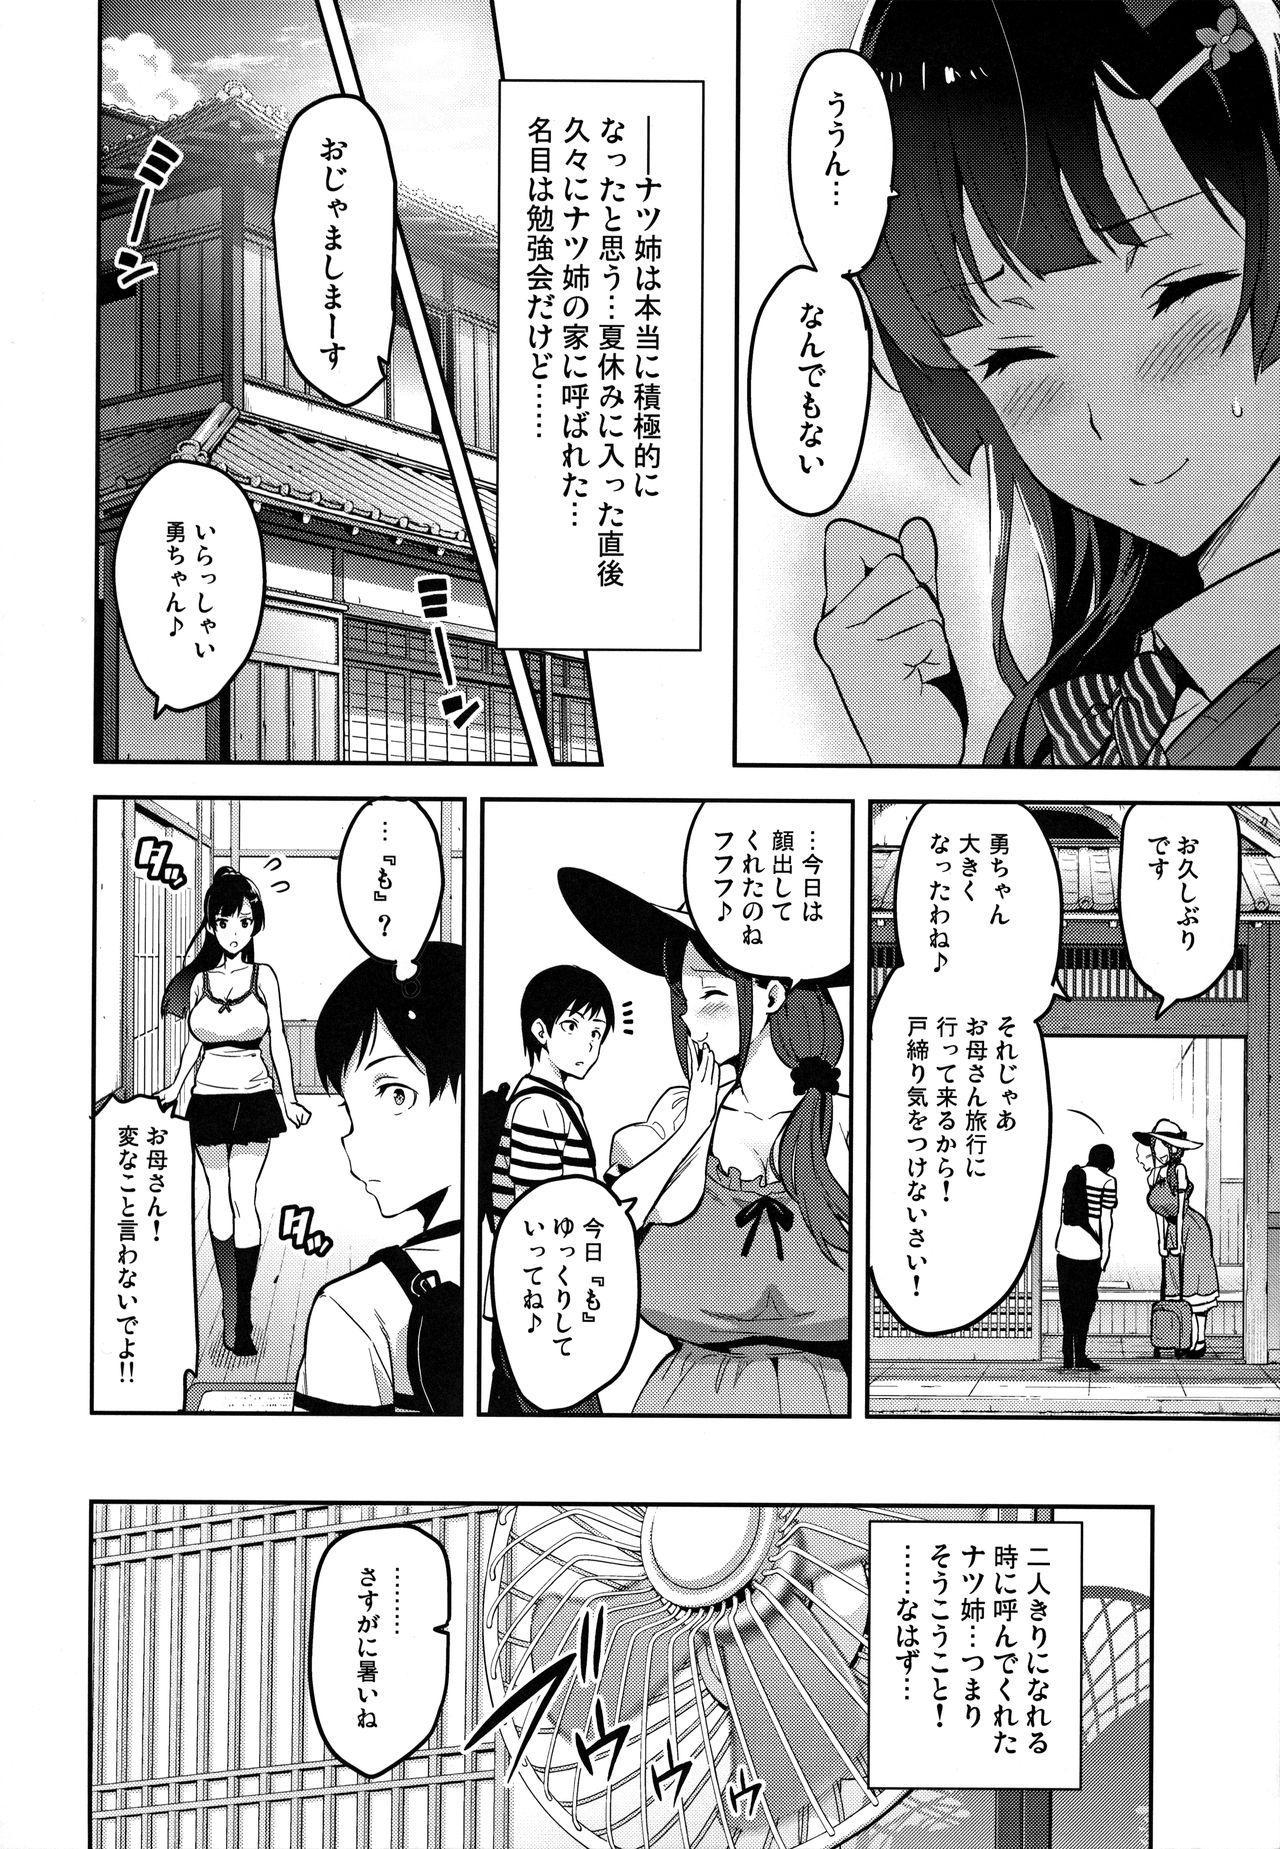 Ajisai no Chiru Koro ni 10